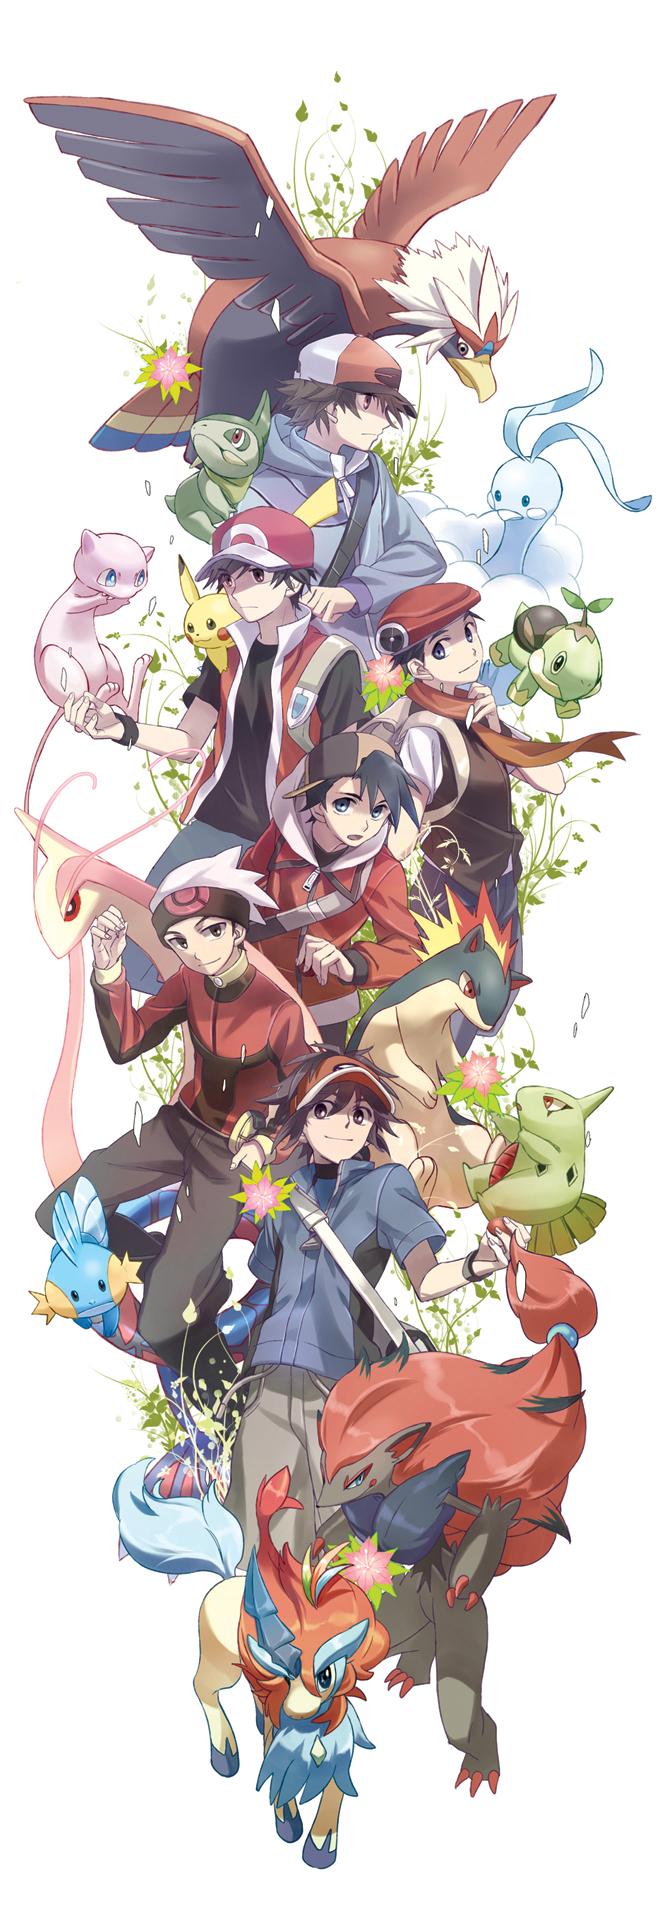 Tags: Anime, Msmoderato, Pokémon, Kyouhei, Pikachu, Quilava, Keldeo, Zoroark, Axew, Turtwig, Braviary, Hibiki (Pokémon), Milotic